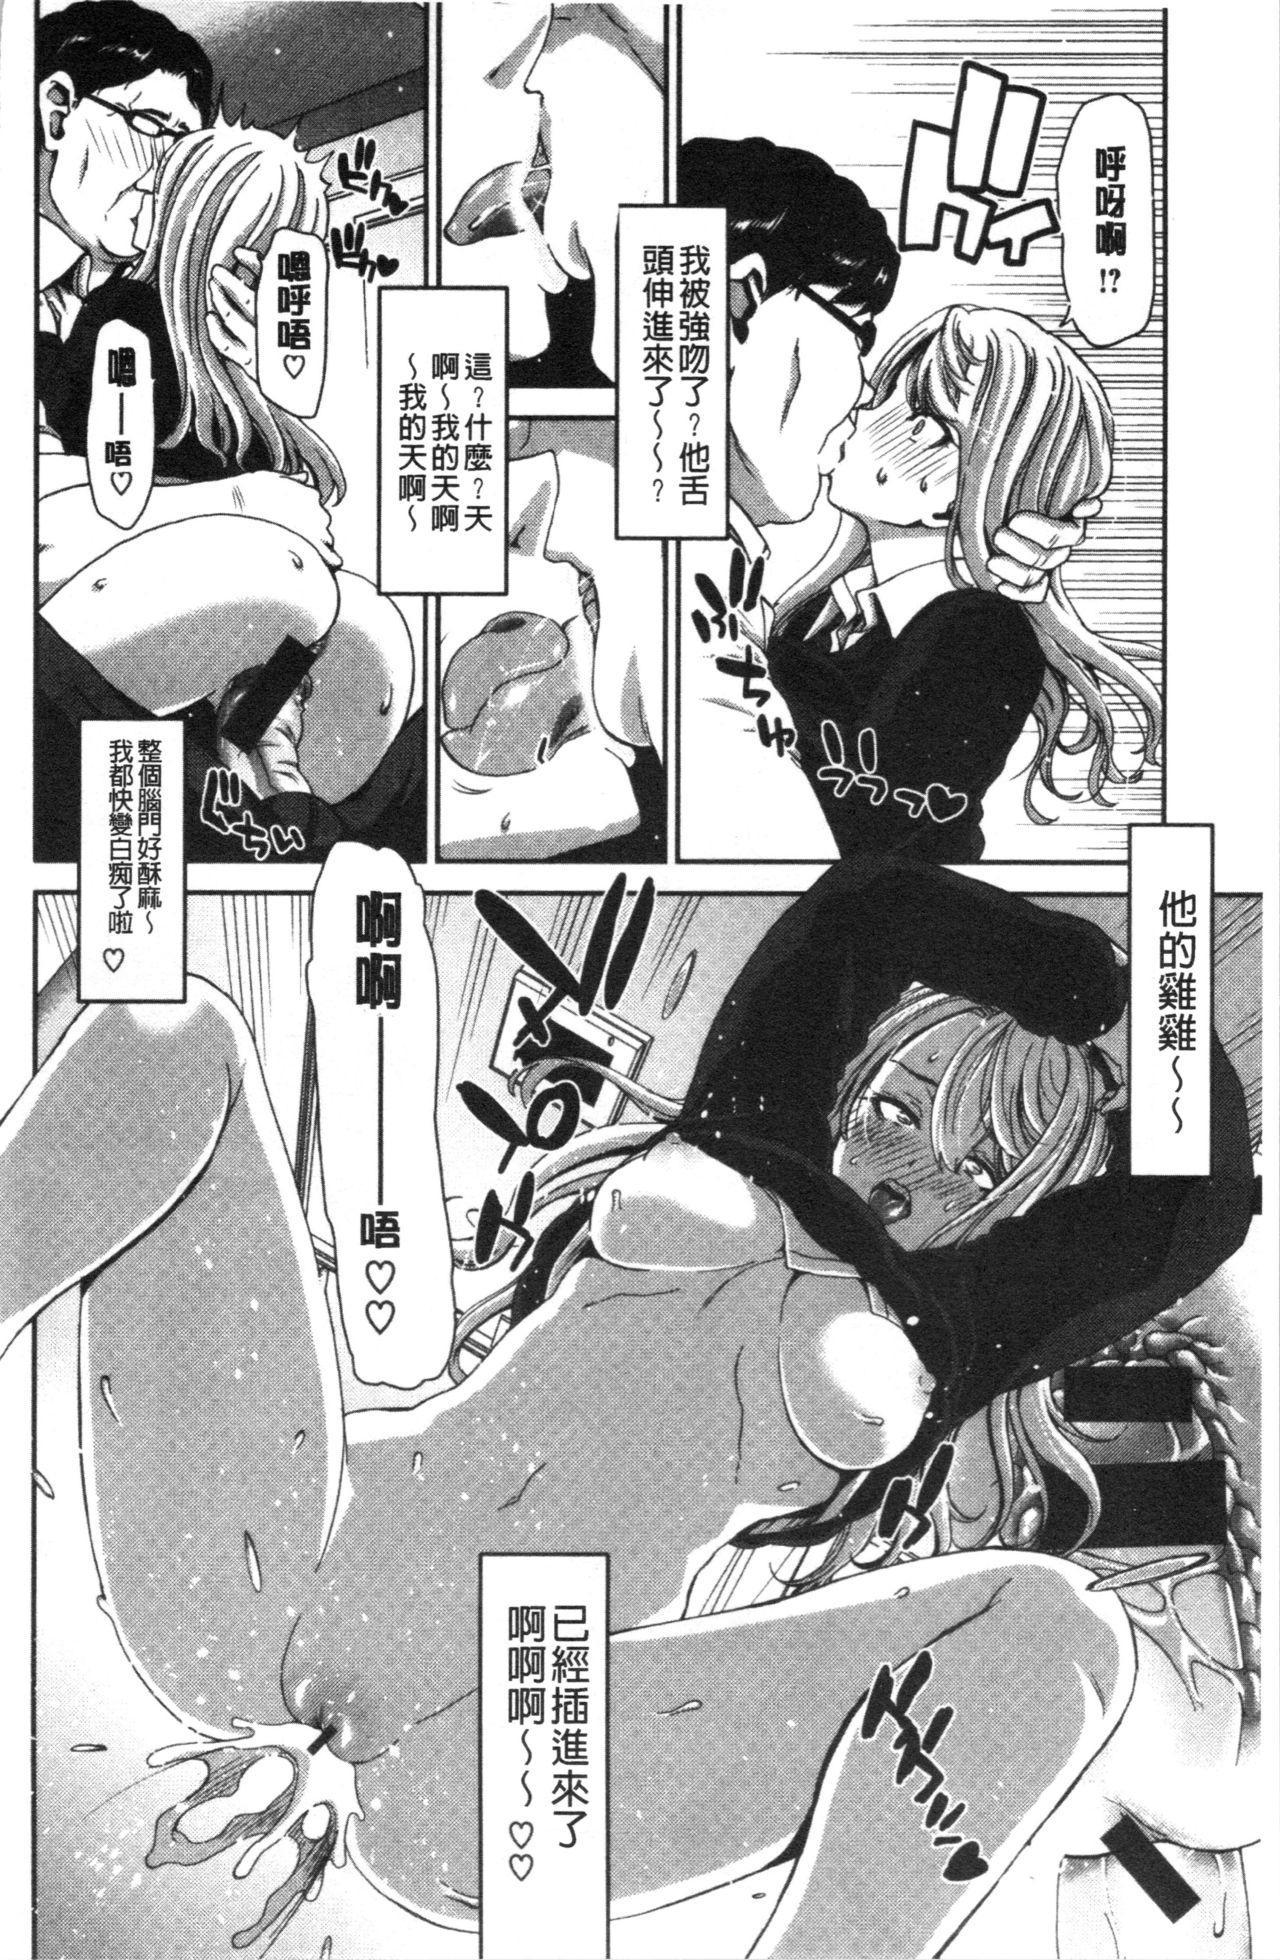 Ochinchin Rental - Rent a dick, and ride!! | 粗粗大肉棒租賃服務 90